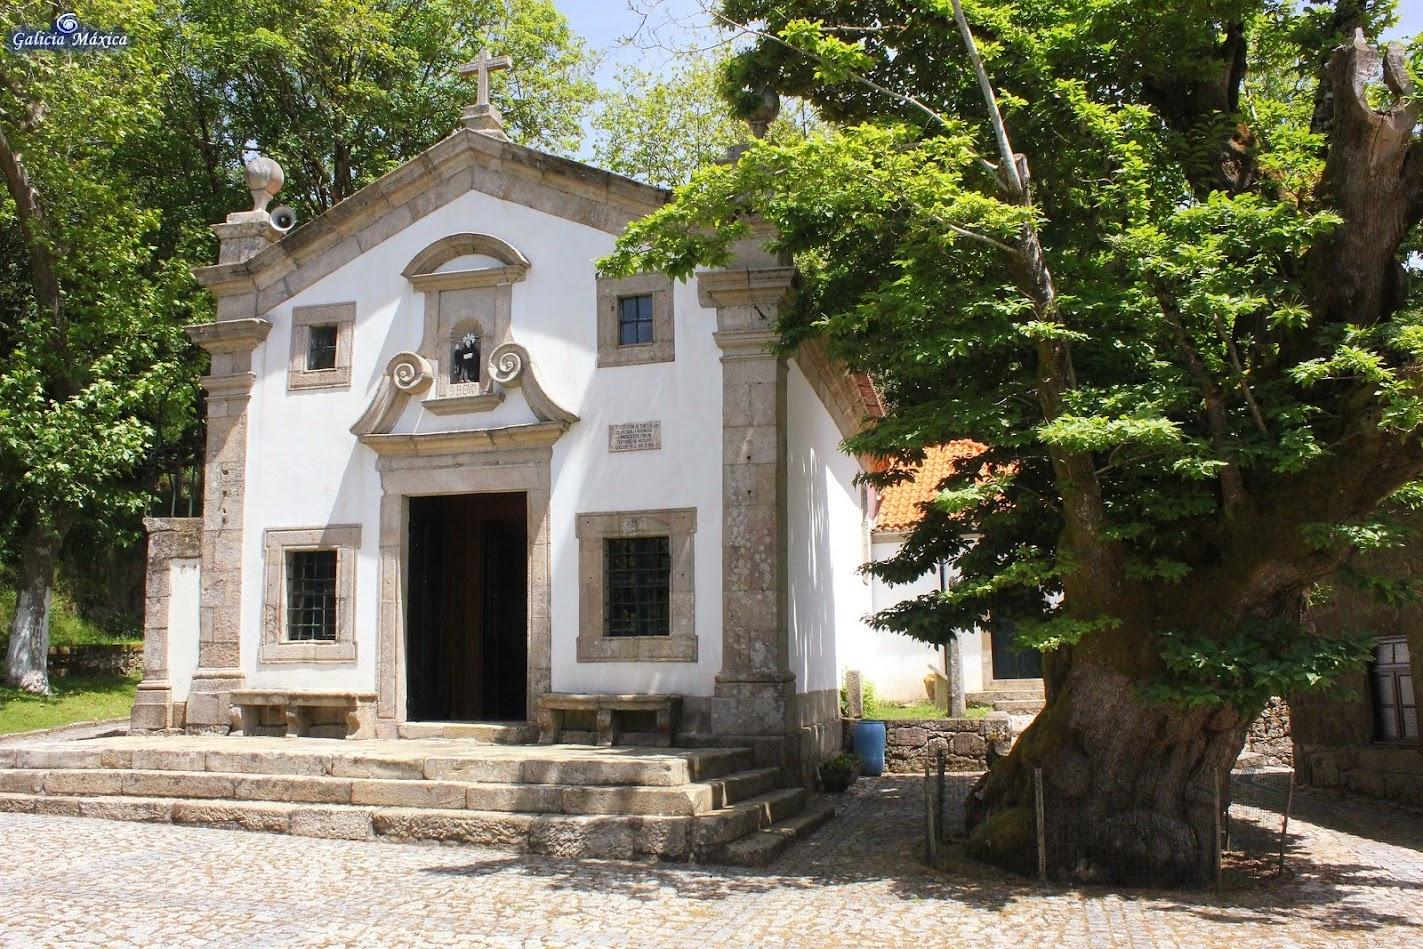 Monte do Faro | GALICIA MÁXICA